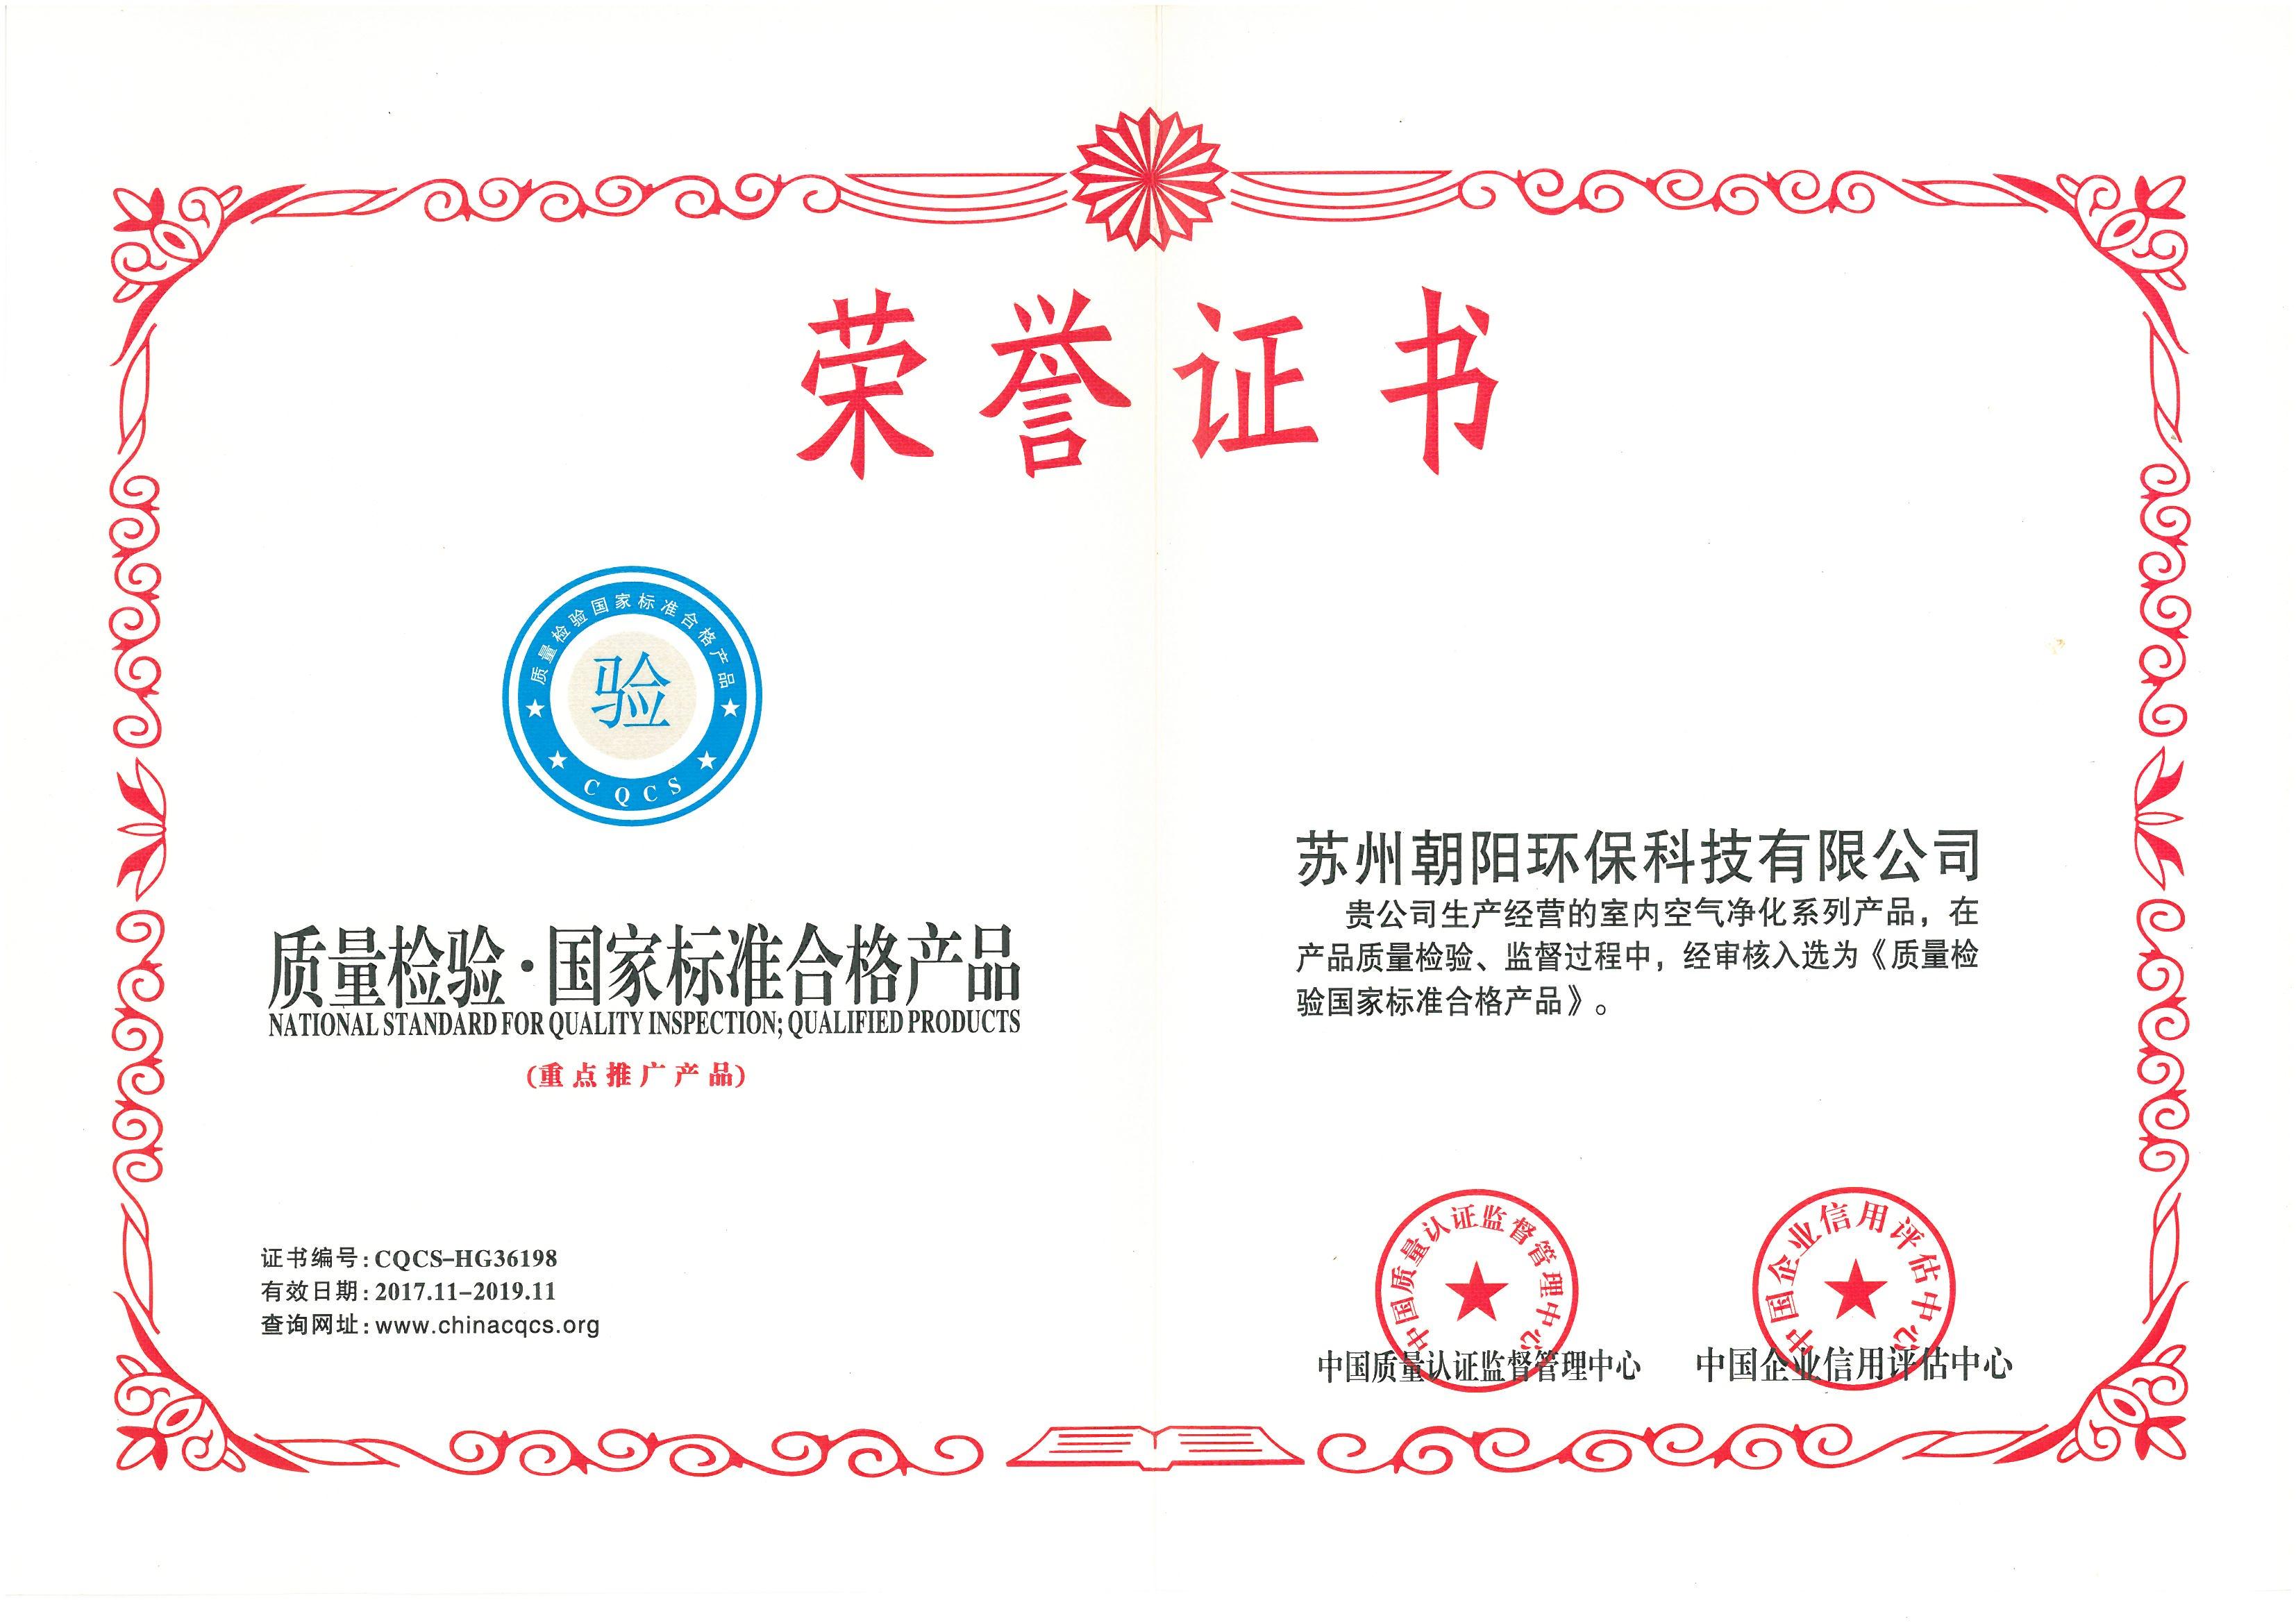 質量檢驗合格榮譽證書